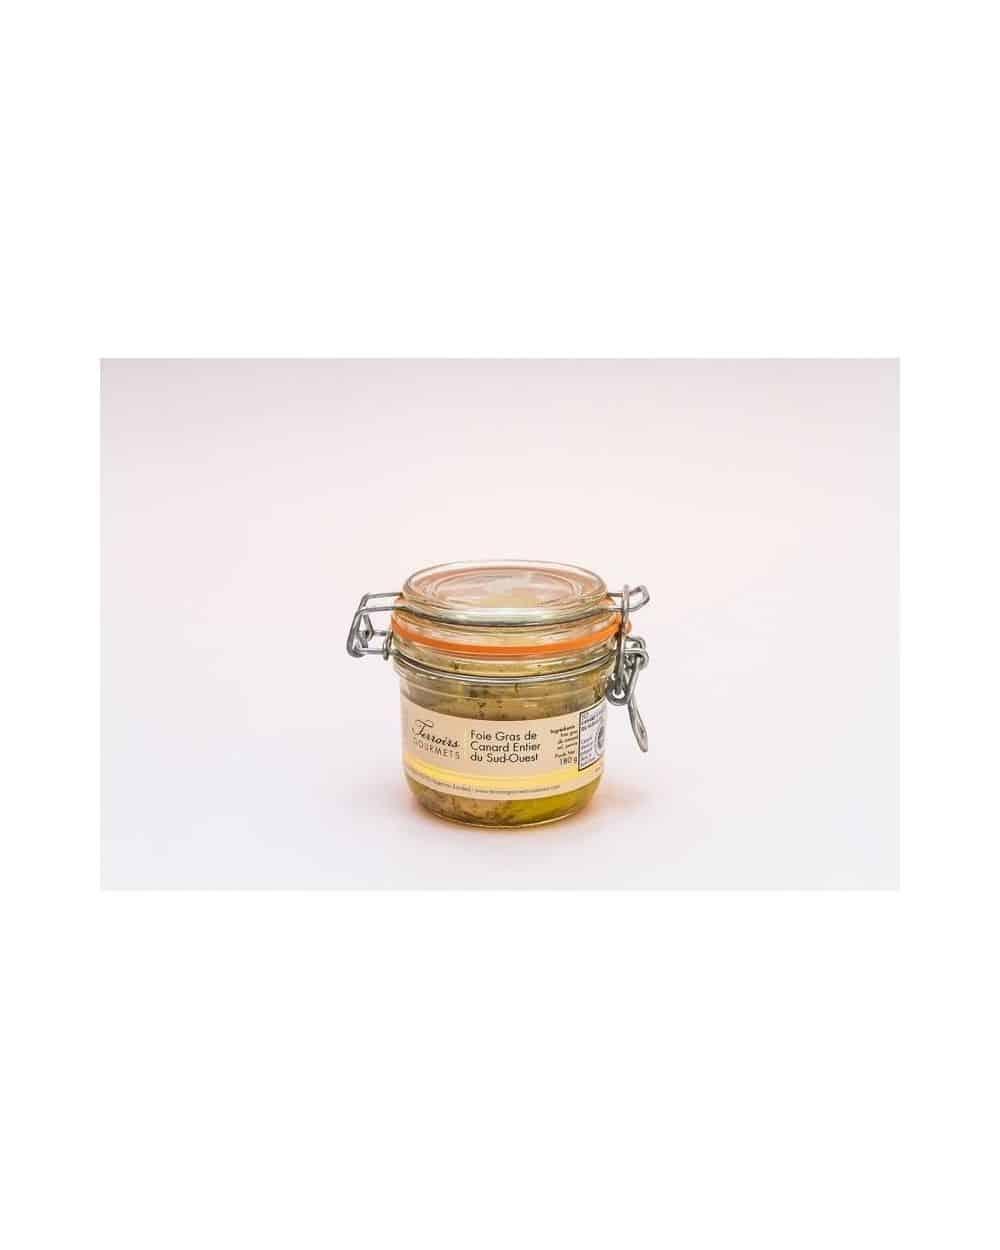 Foie gras de canard entier du Sud-Ouest TG 125g